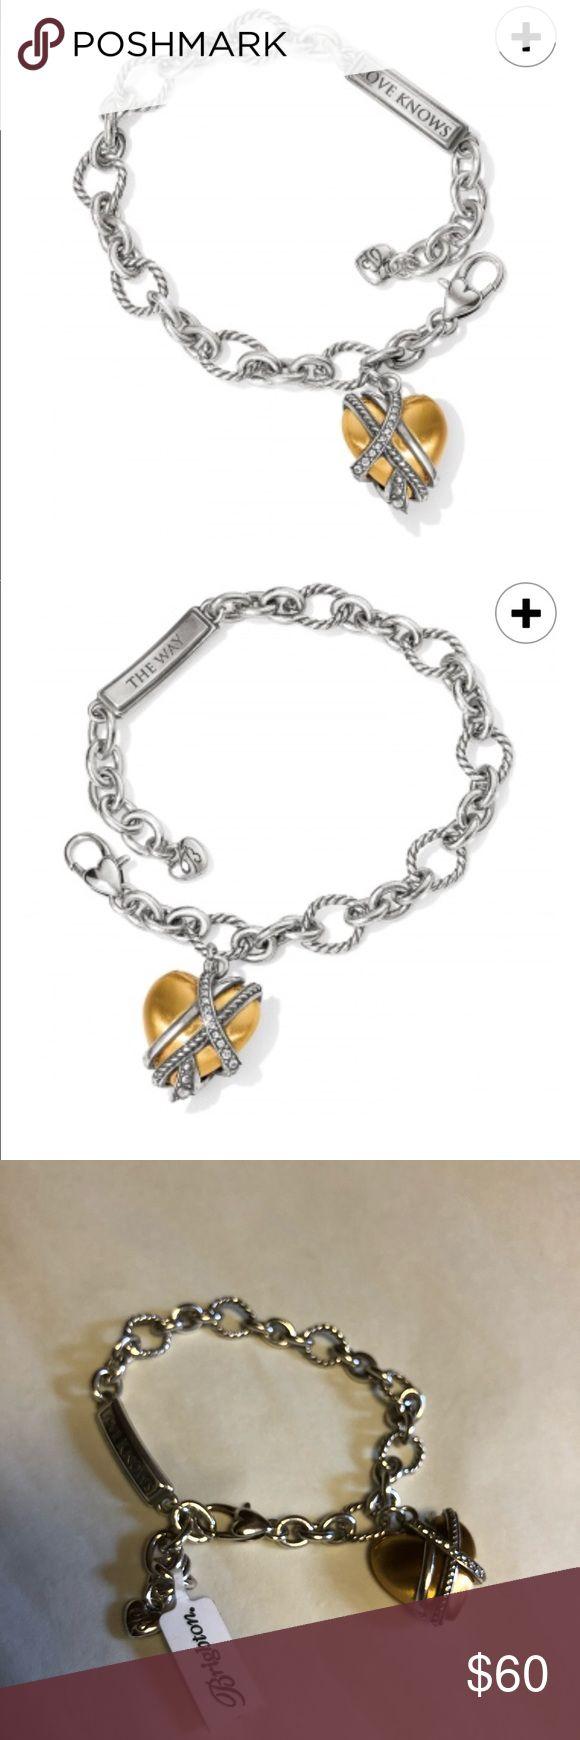 Brighton Neptune rings heart bracelet new Gorgeous! New Brighton, new with tags Brighton Jewelry Bracelets